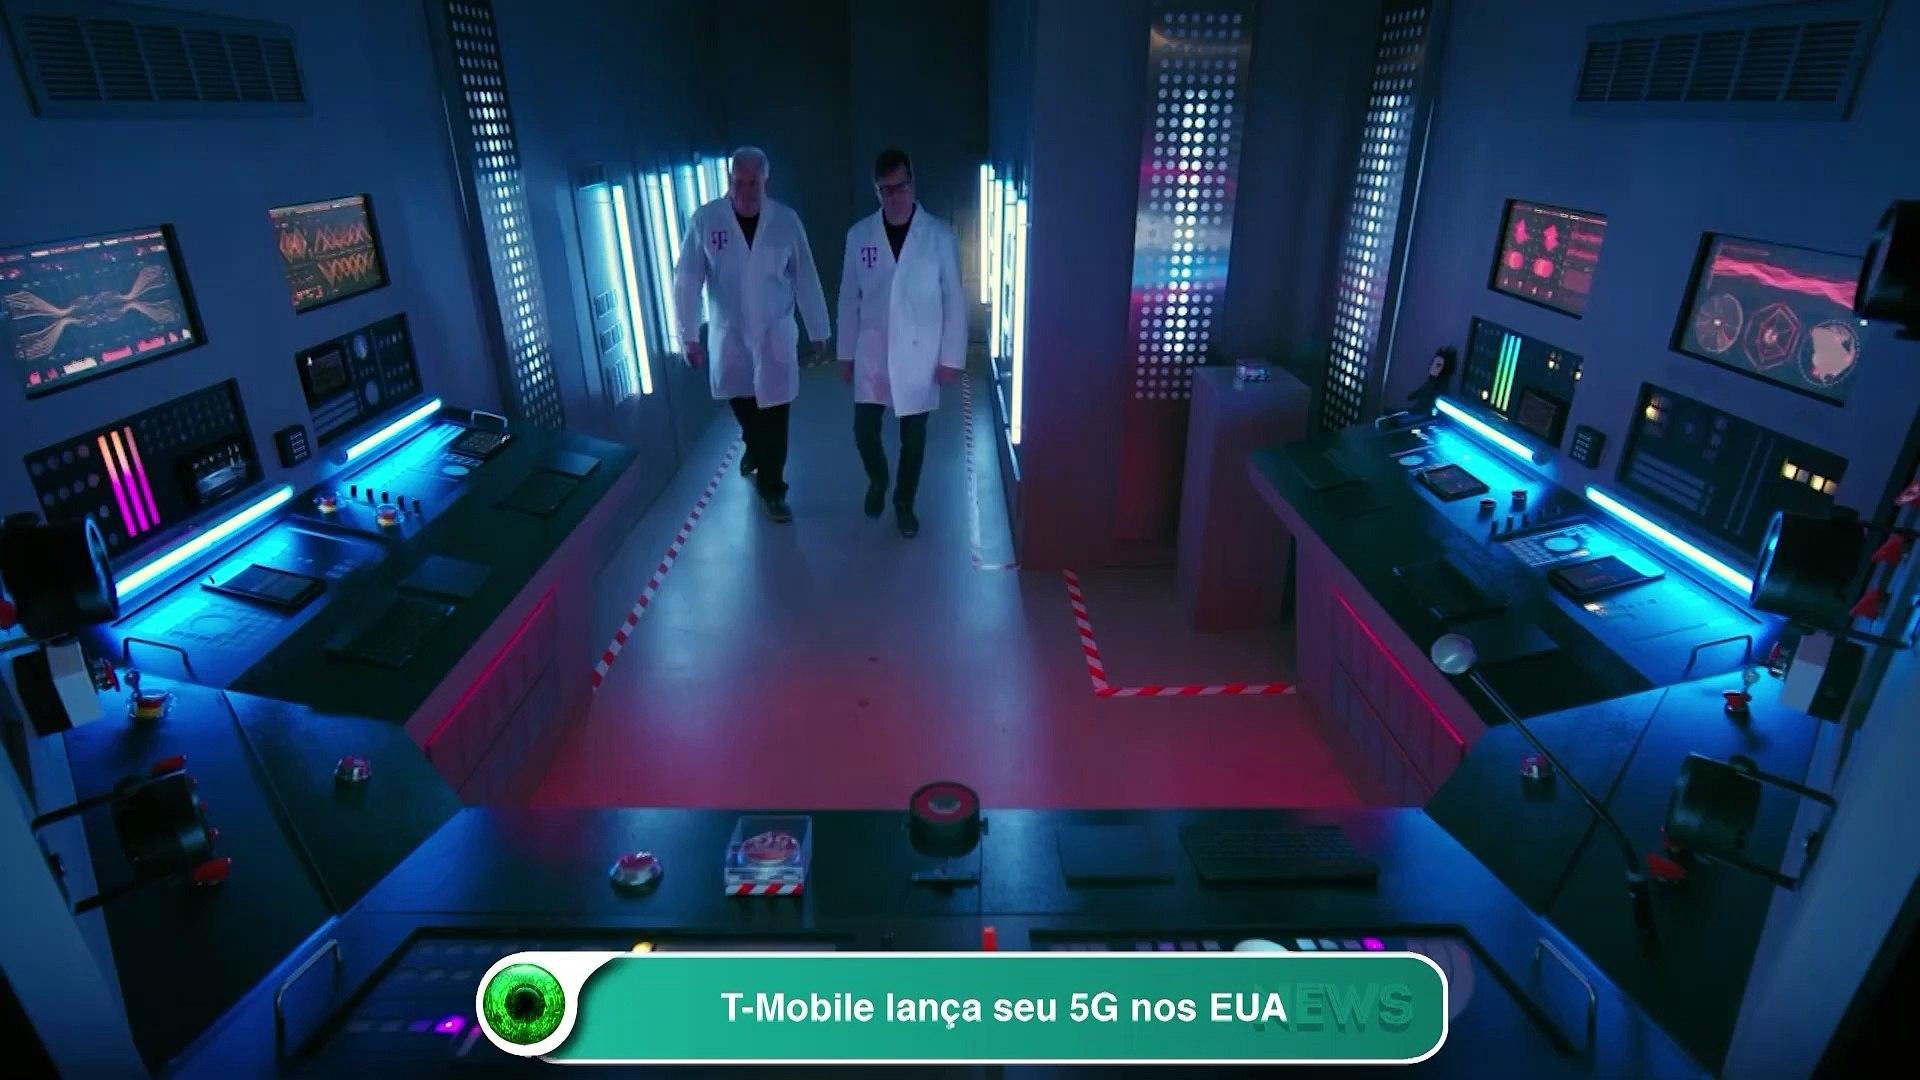 T-Mobile lança seu 5G nos EUA